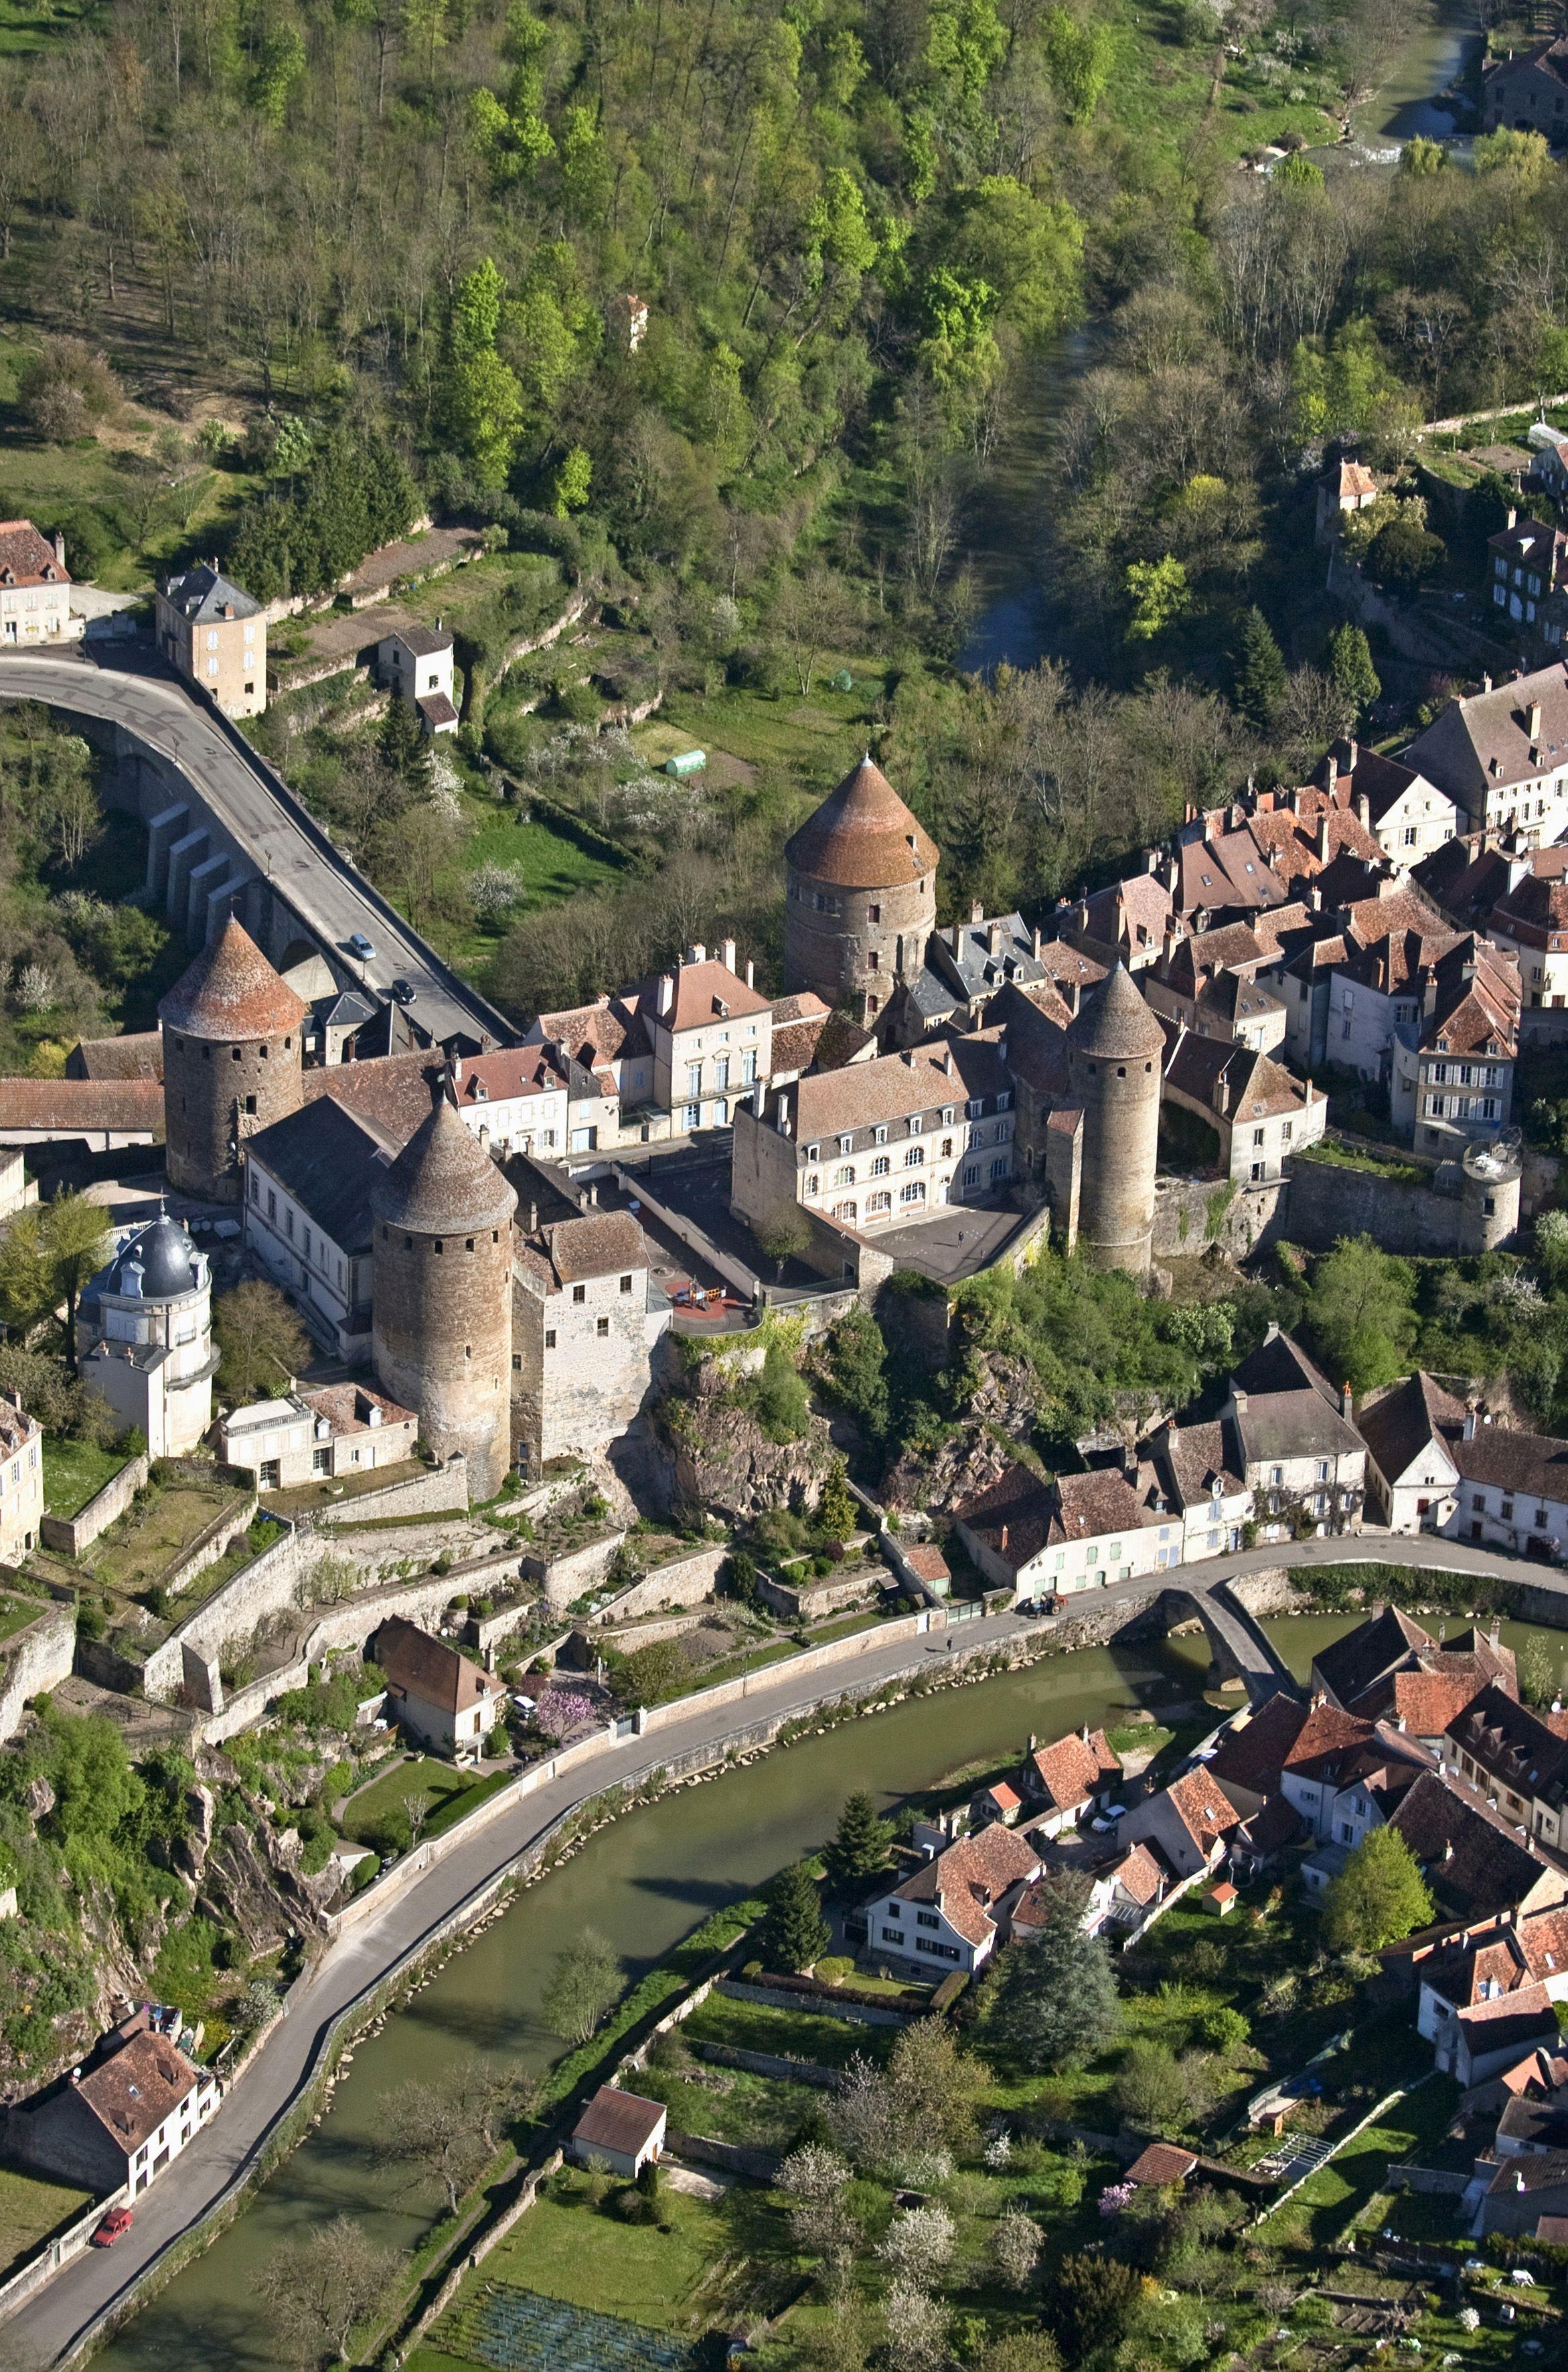 Les Plus Beaux Villages De Bourgogne : beaux, villages, bourgogne, Belles, Photos, Bourgogne, Tourisme,, Bourgogne,, Visiter